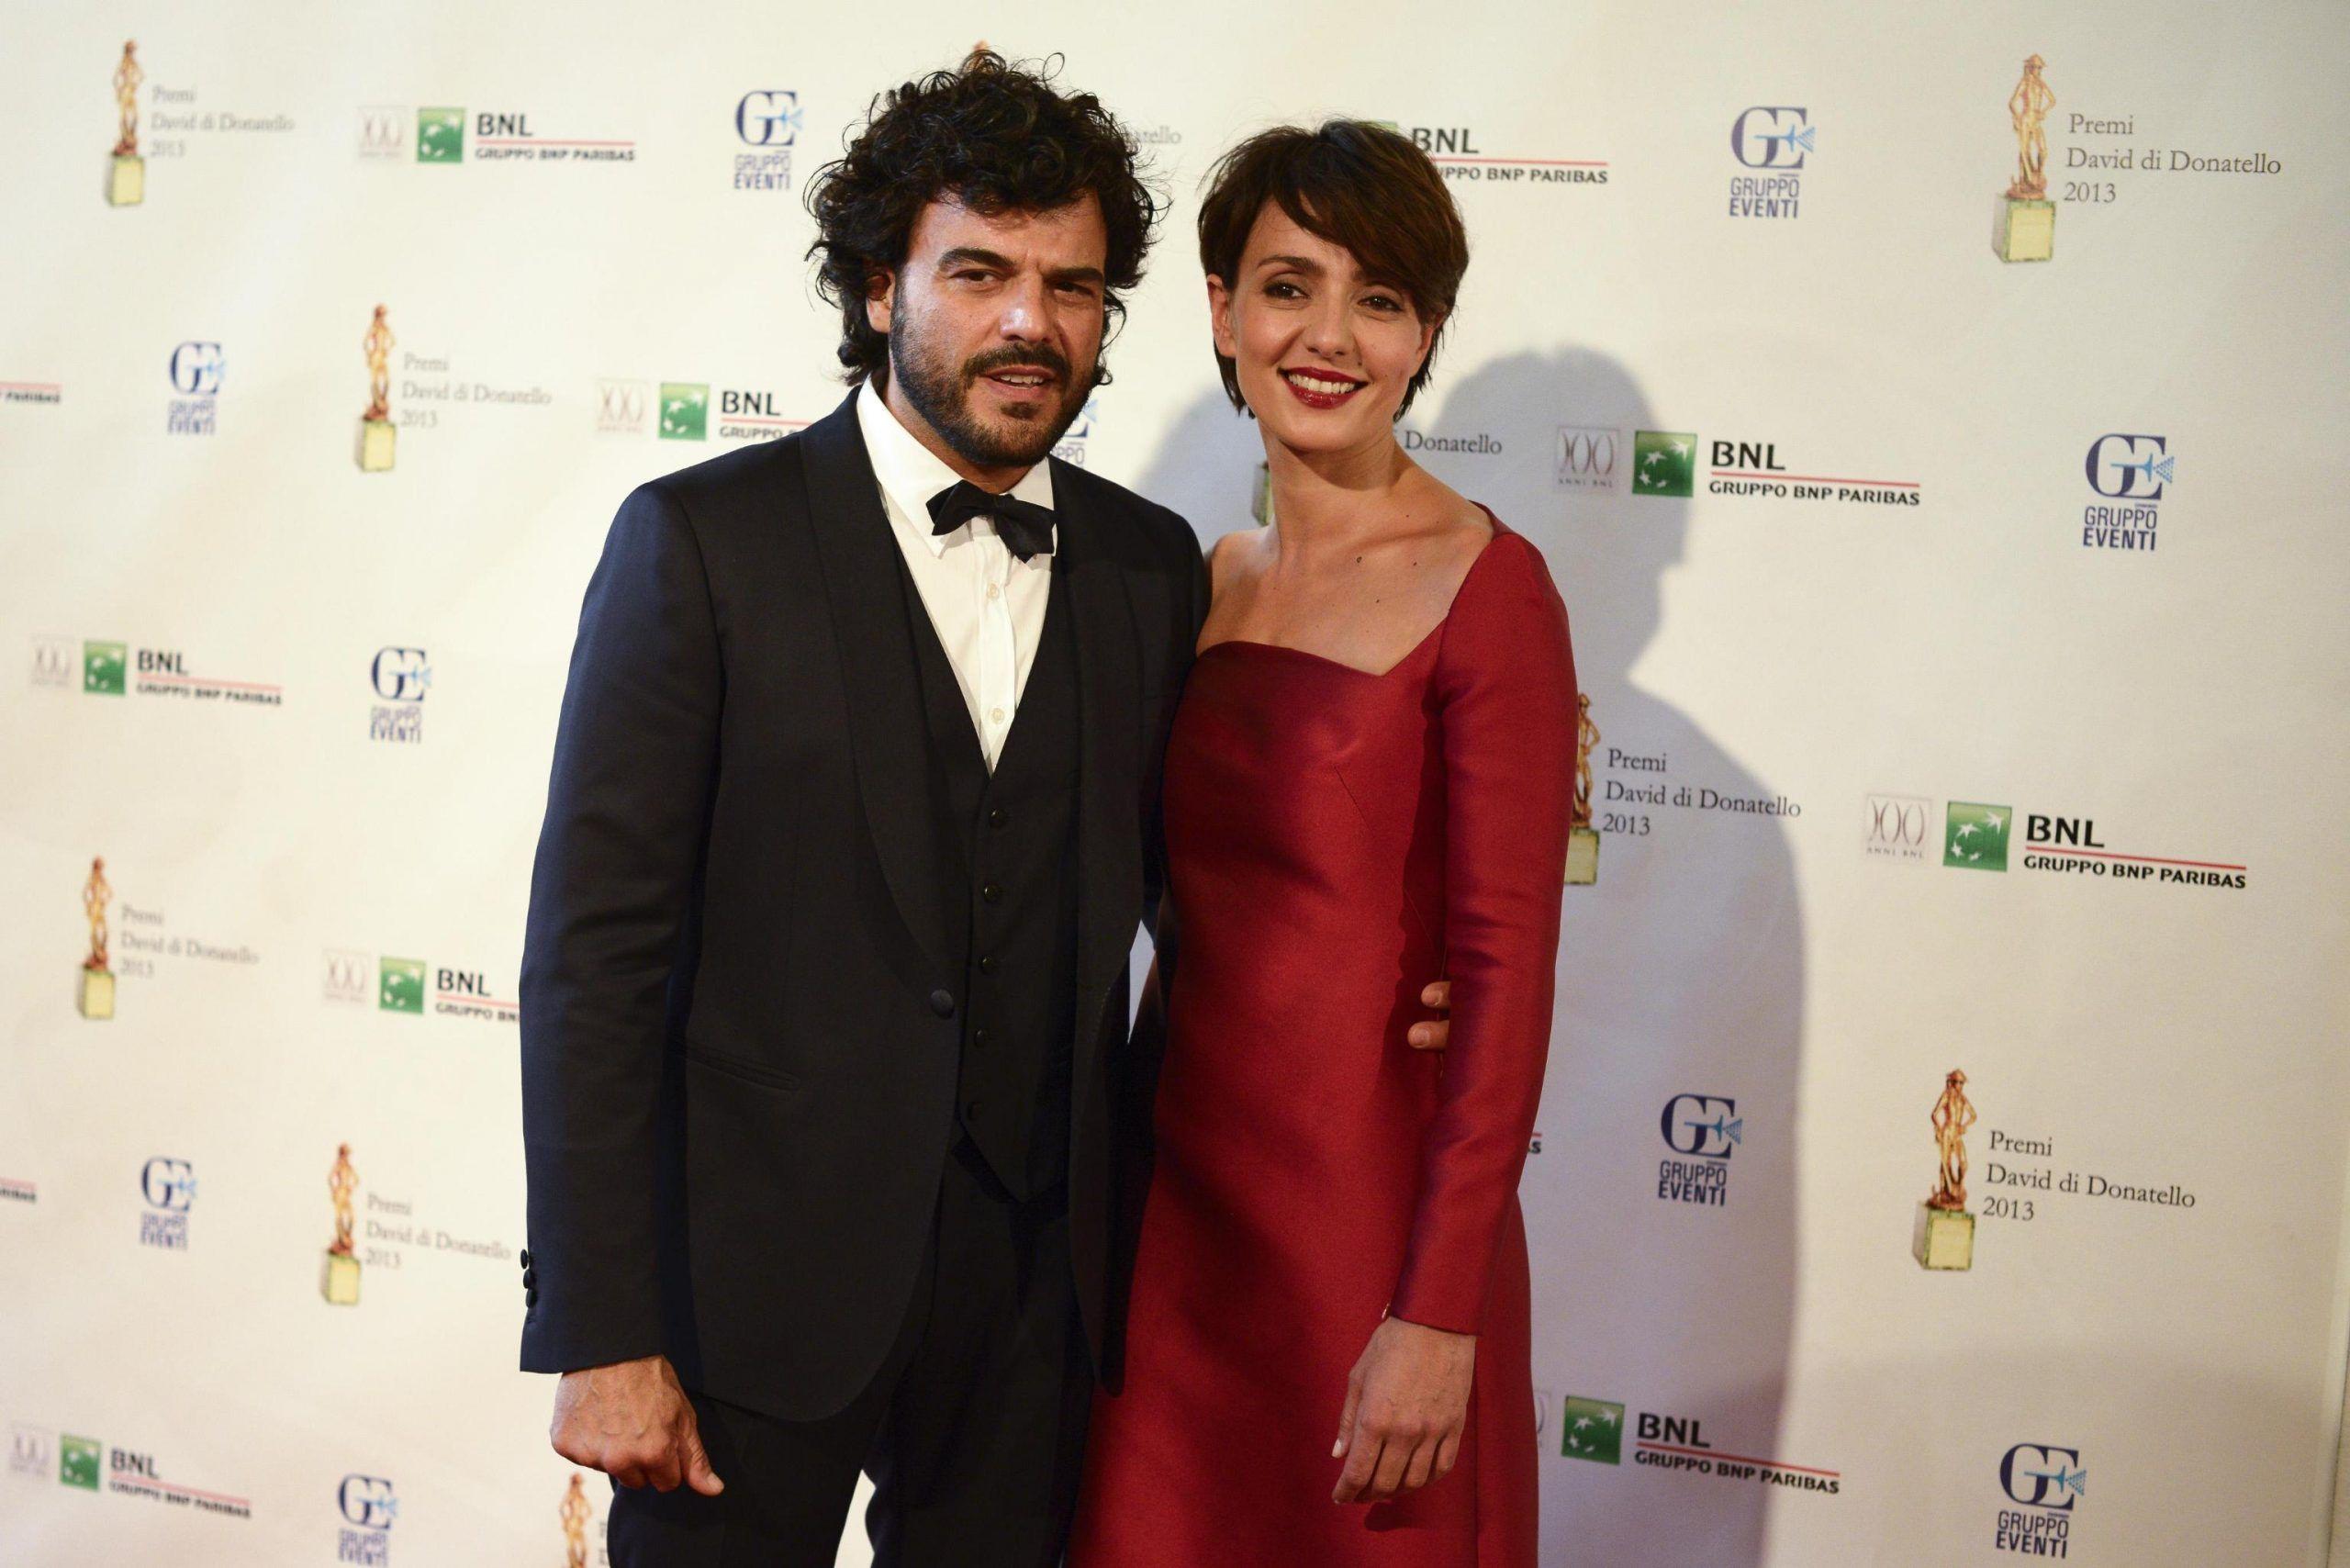 Francesco Renga: 'Io e Ambra sempre con i paparazzi tra i piedi, ora sono più sereno'